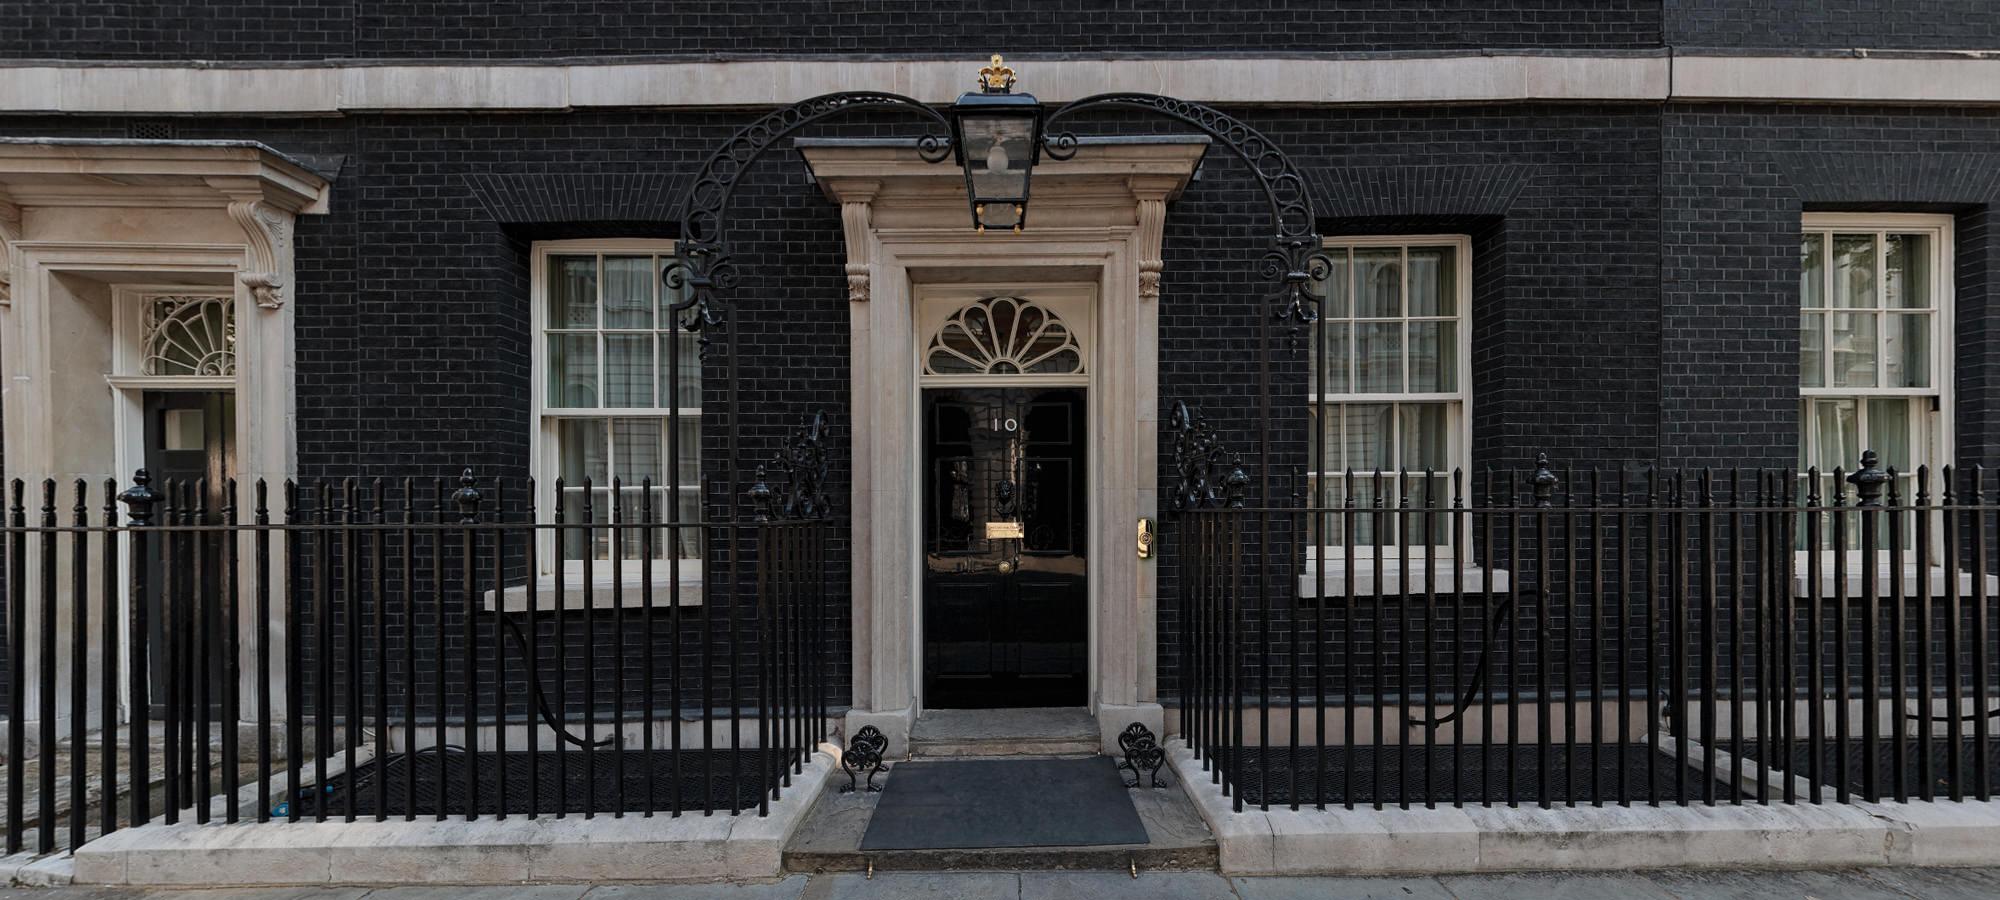 جنجال جدید نخست وزیر بریتانیا: پول خانه جدید را از کجا آورده ای؟